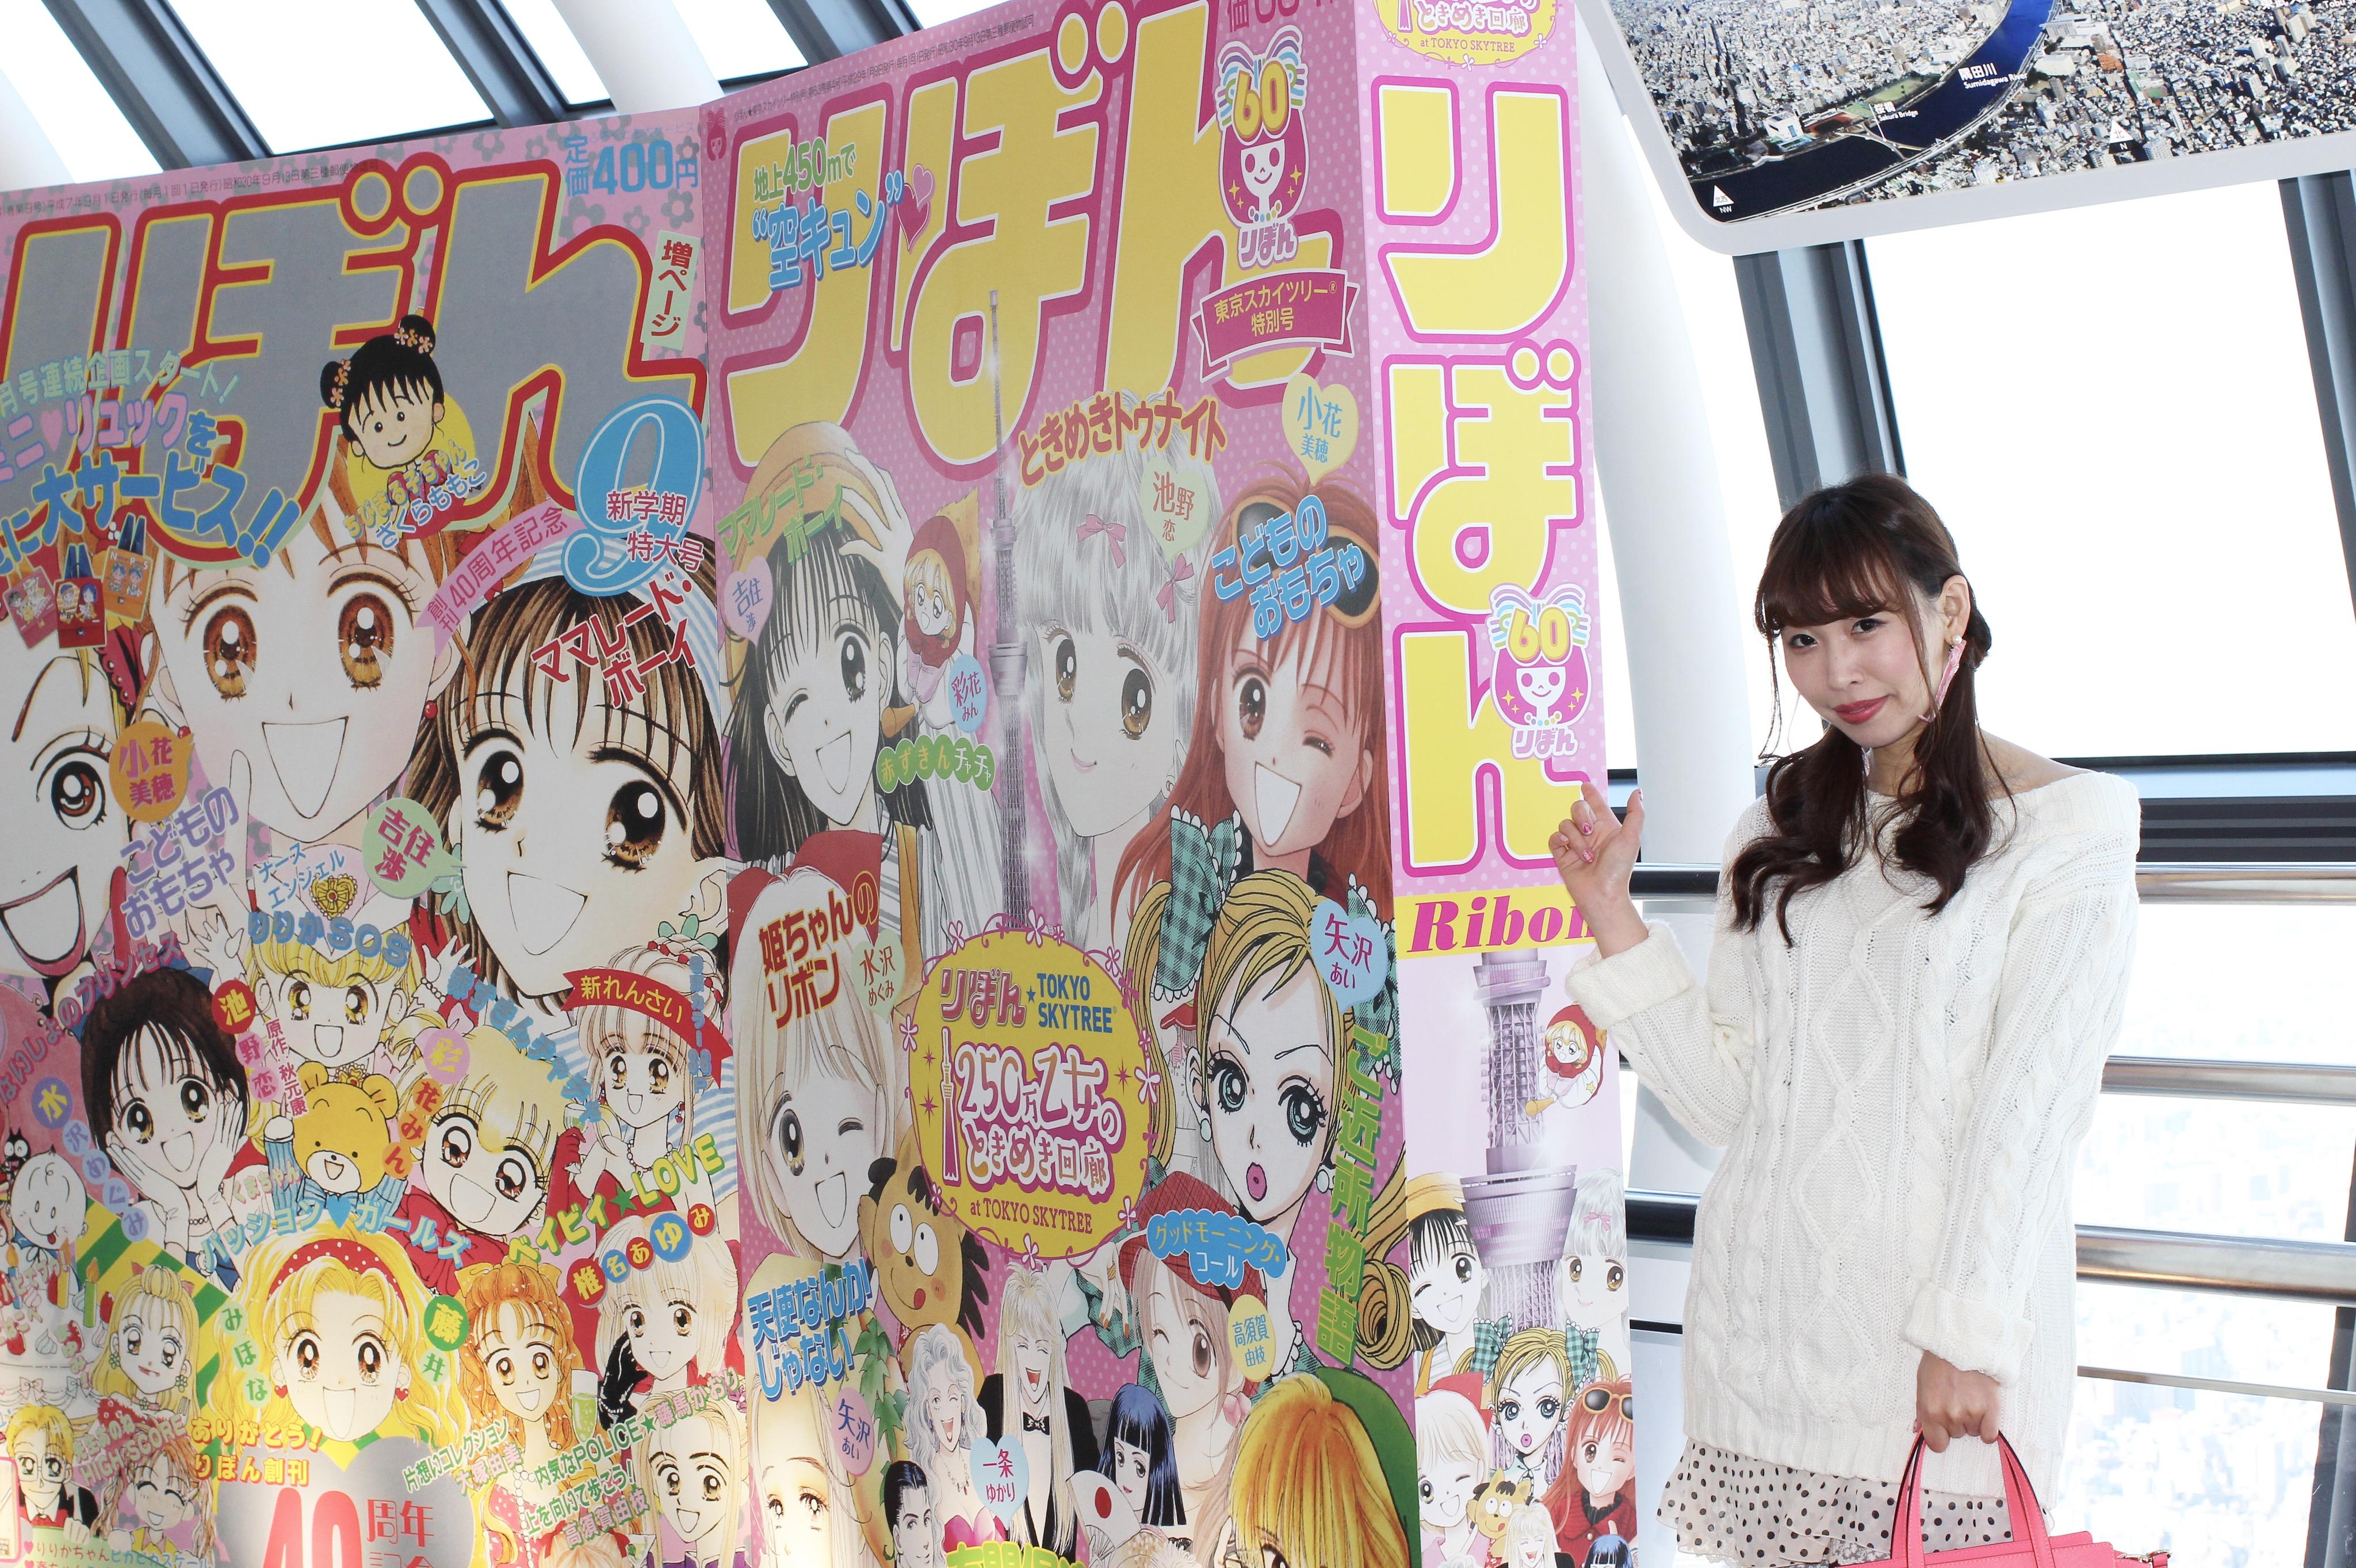 「250万乙女のときめき回廊 at TOKYO SKYTREE」